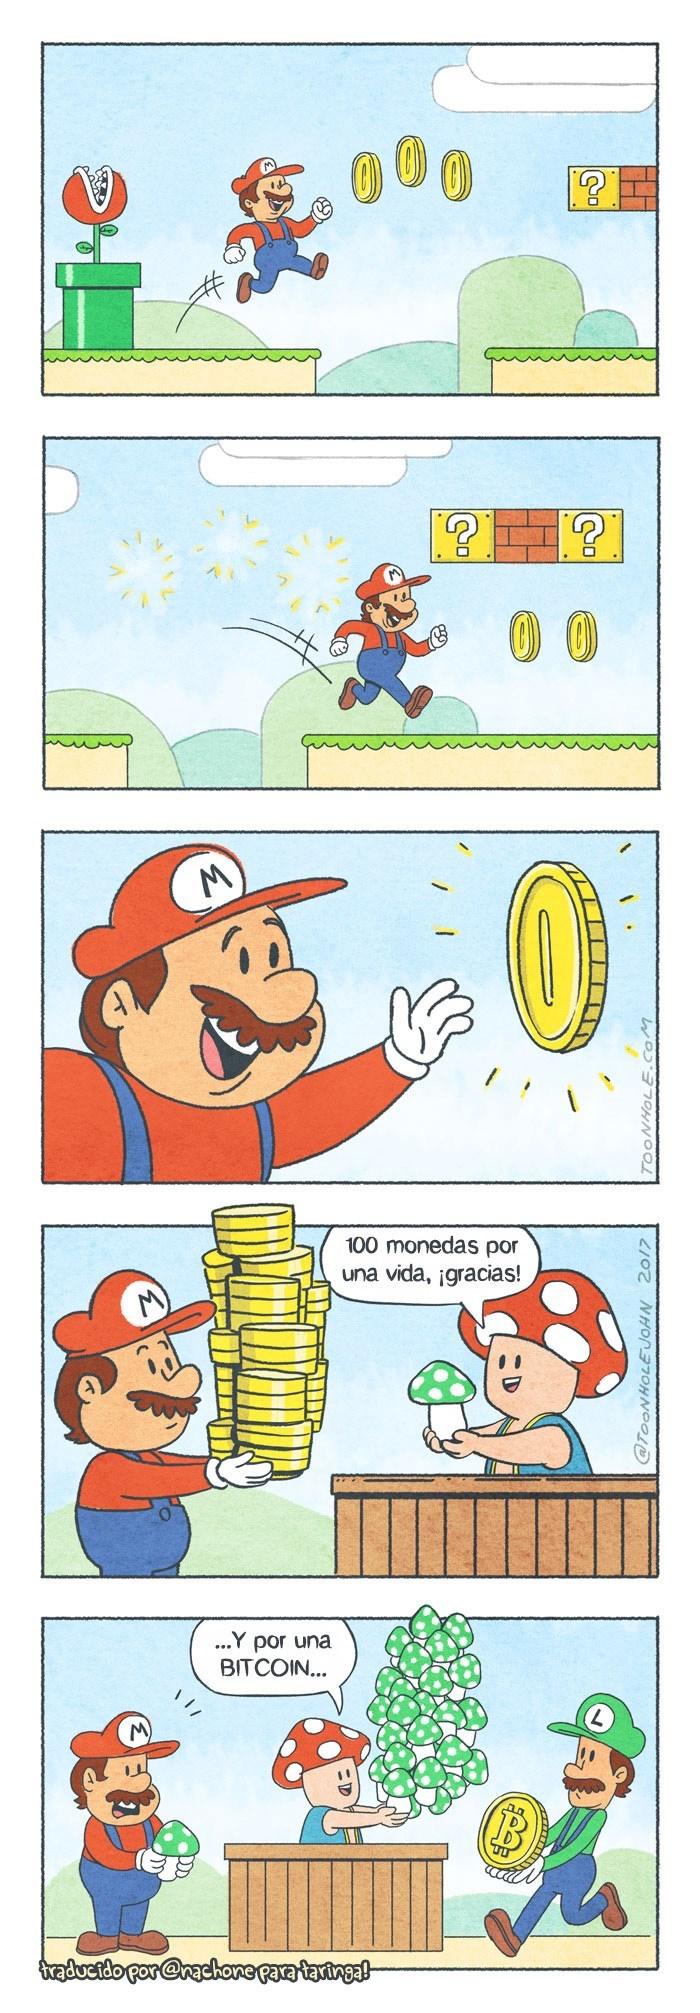 mario cambia 100 monedas por una vida